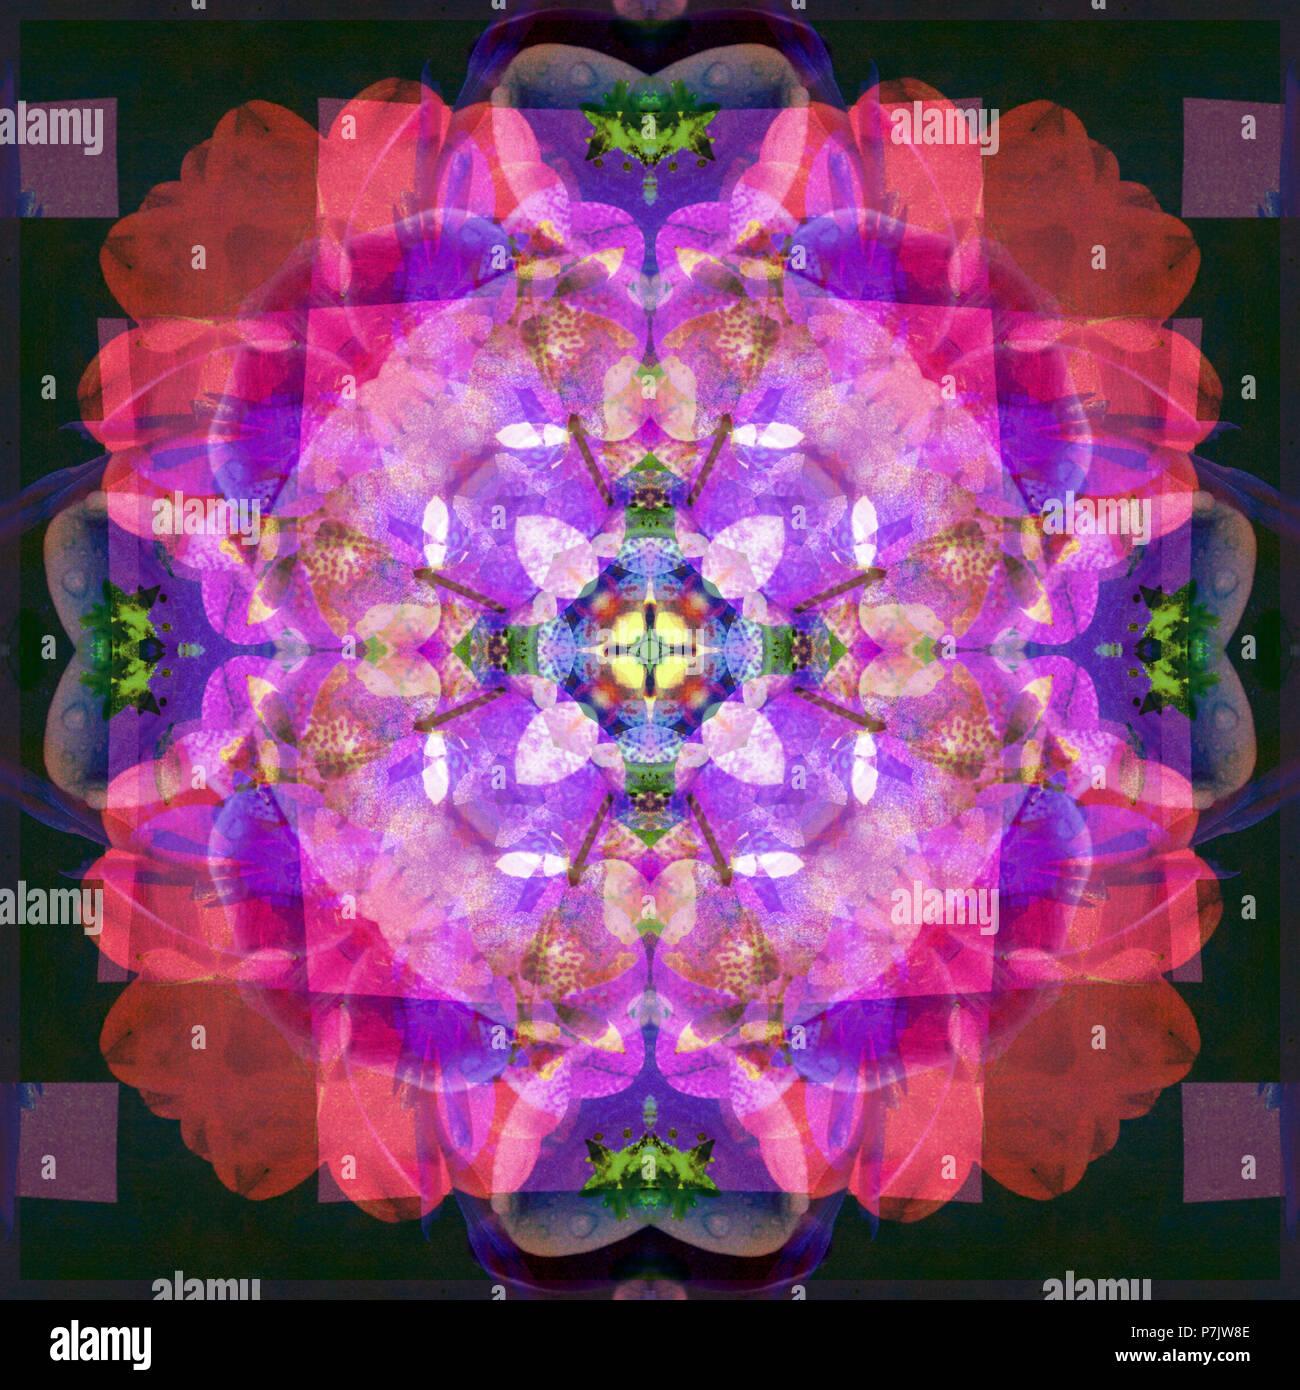 Photographic flower mandala, purple, pink, dark green, Stock Photo